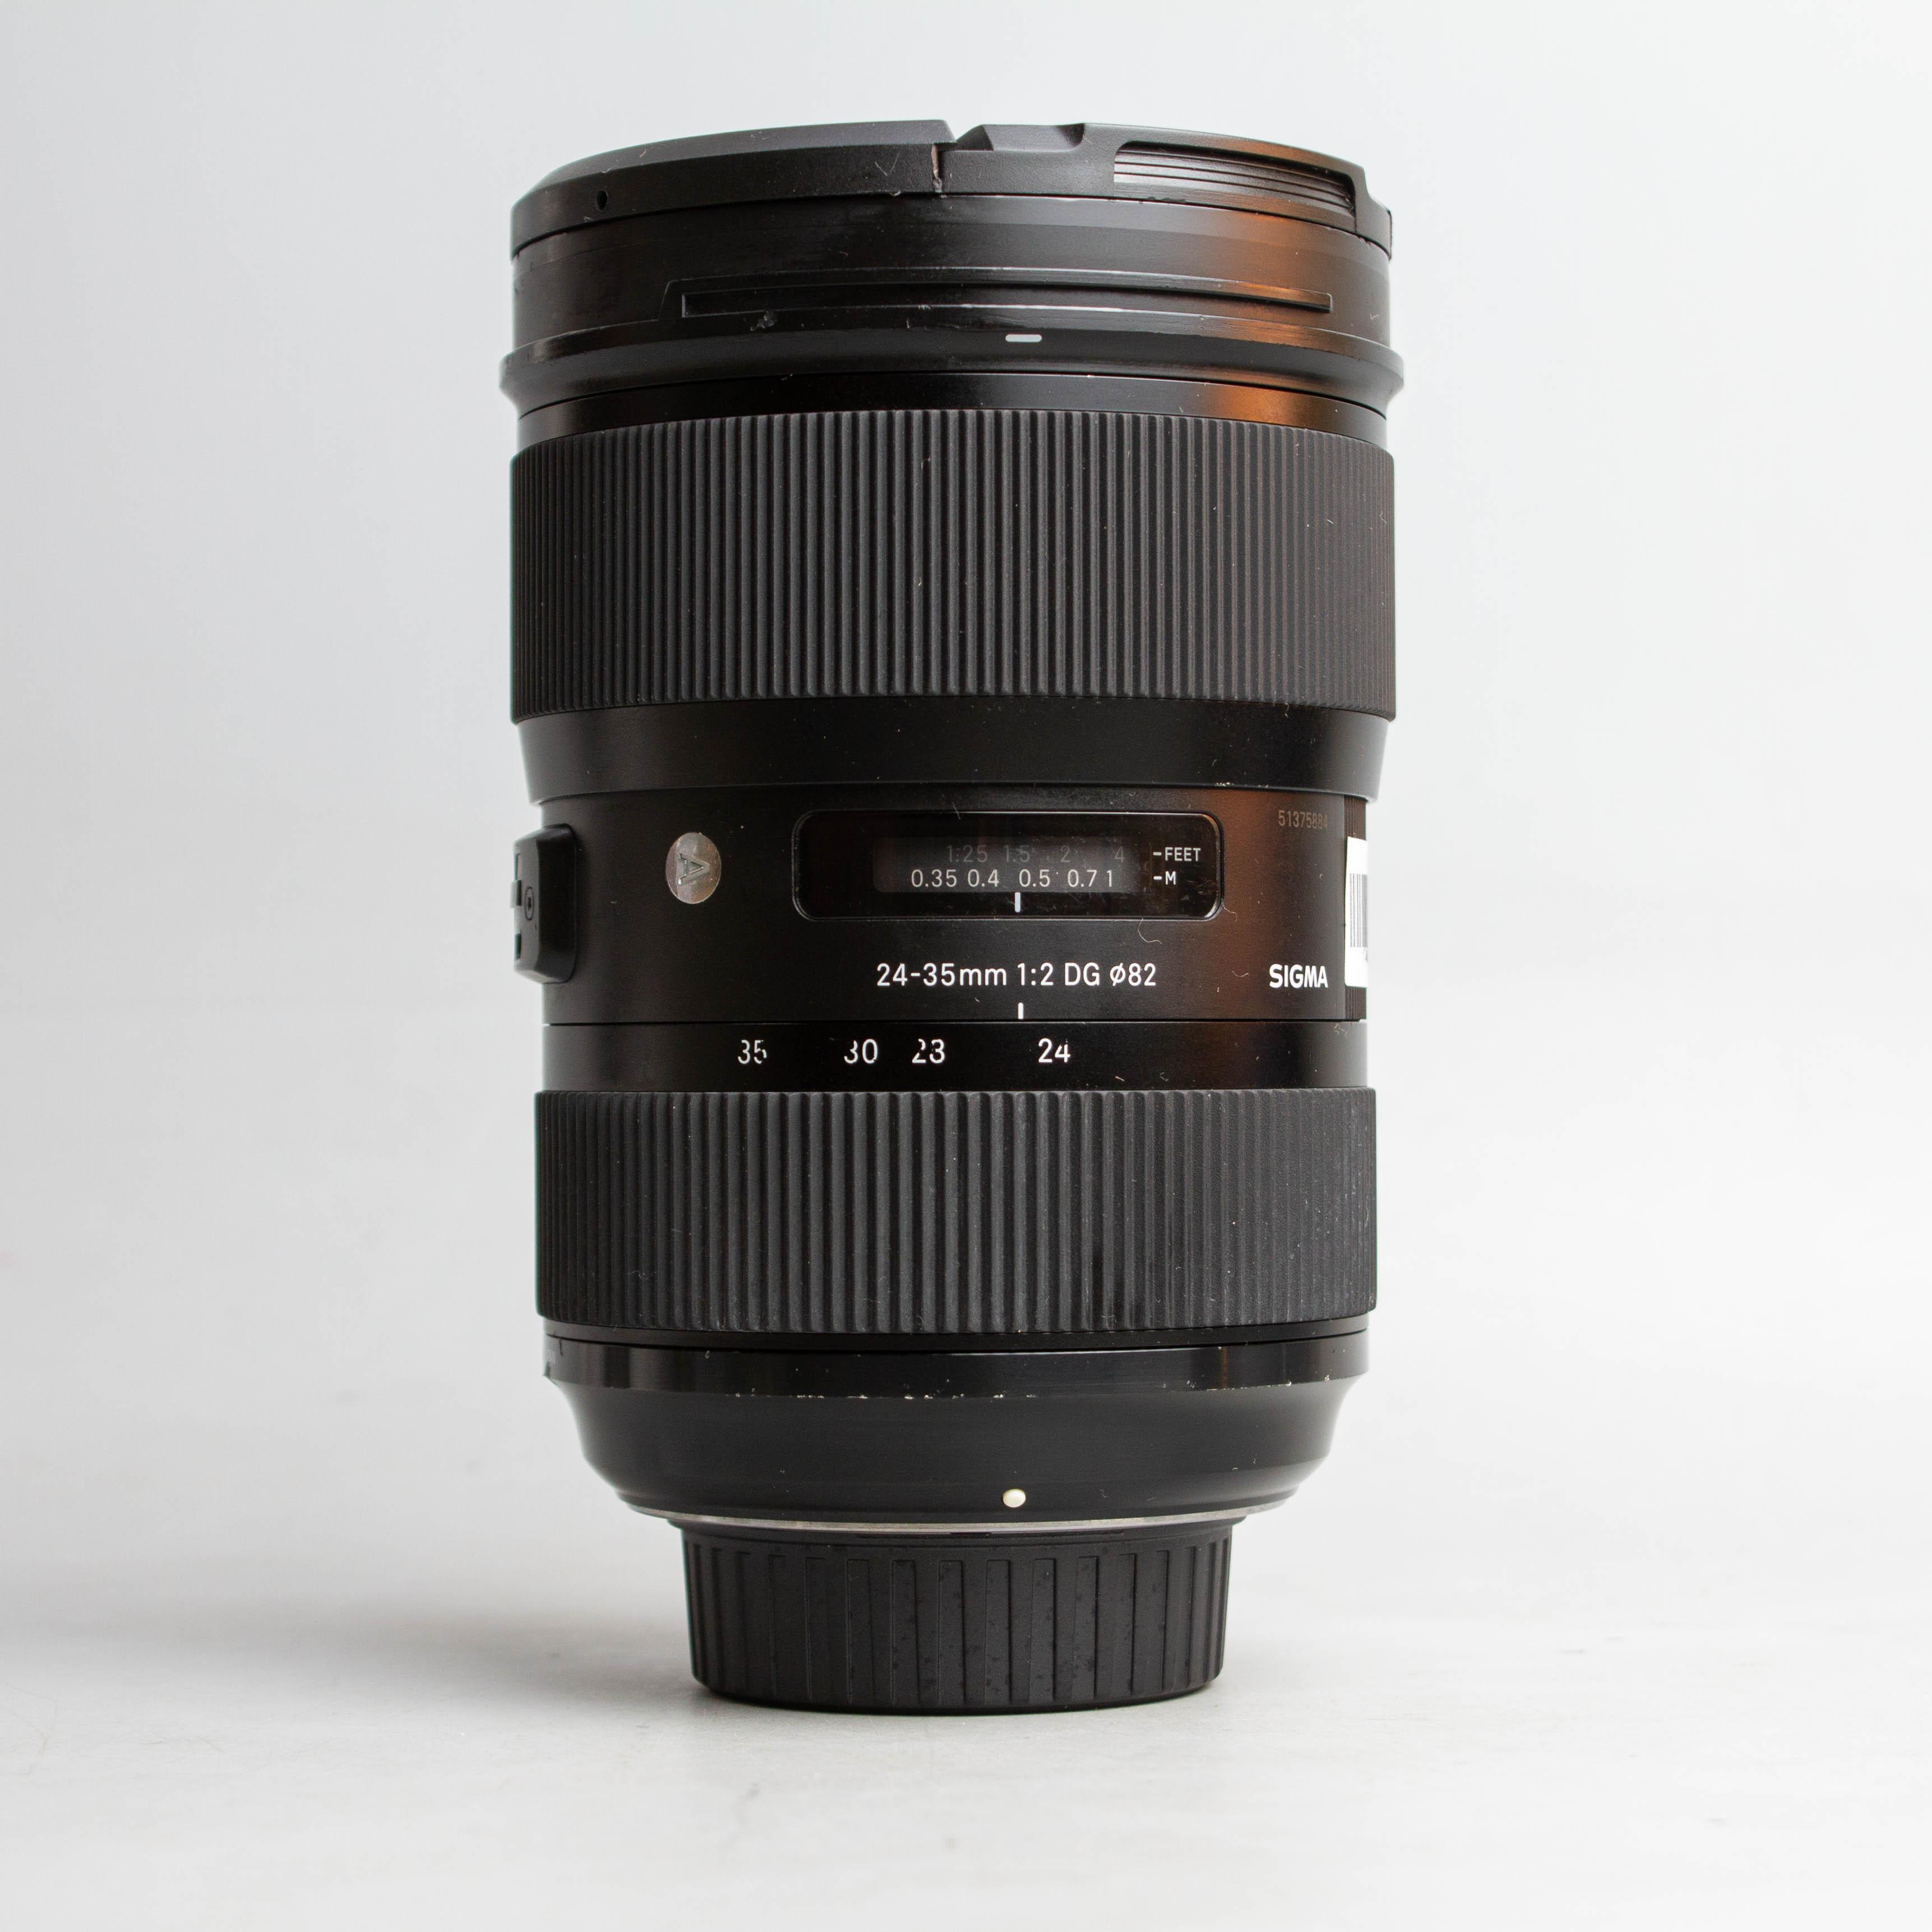 sigma-24-35mm-f2-ar-af-nikon-24-35-2-0-17440